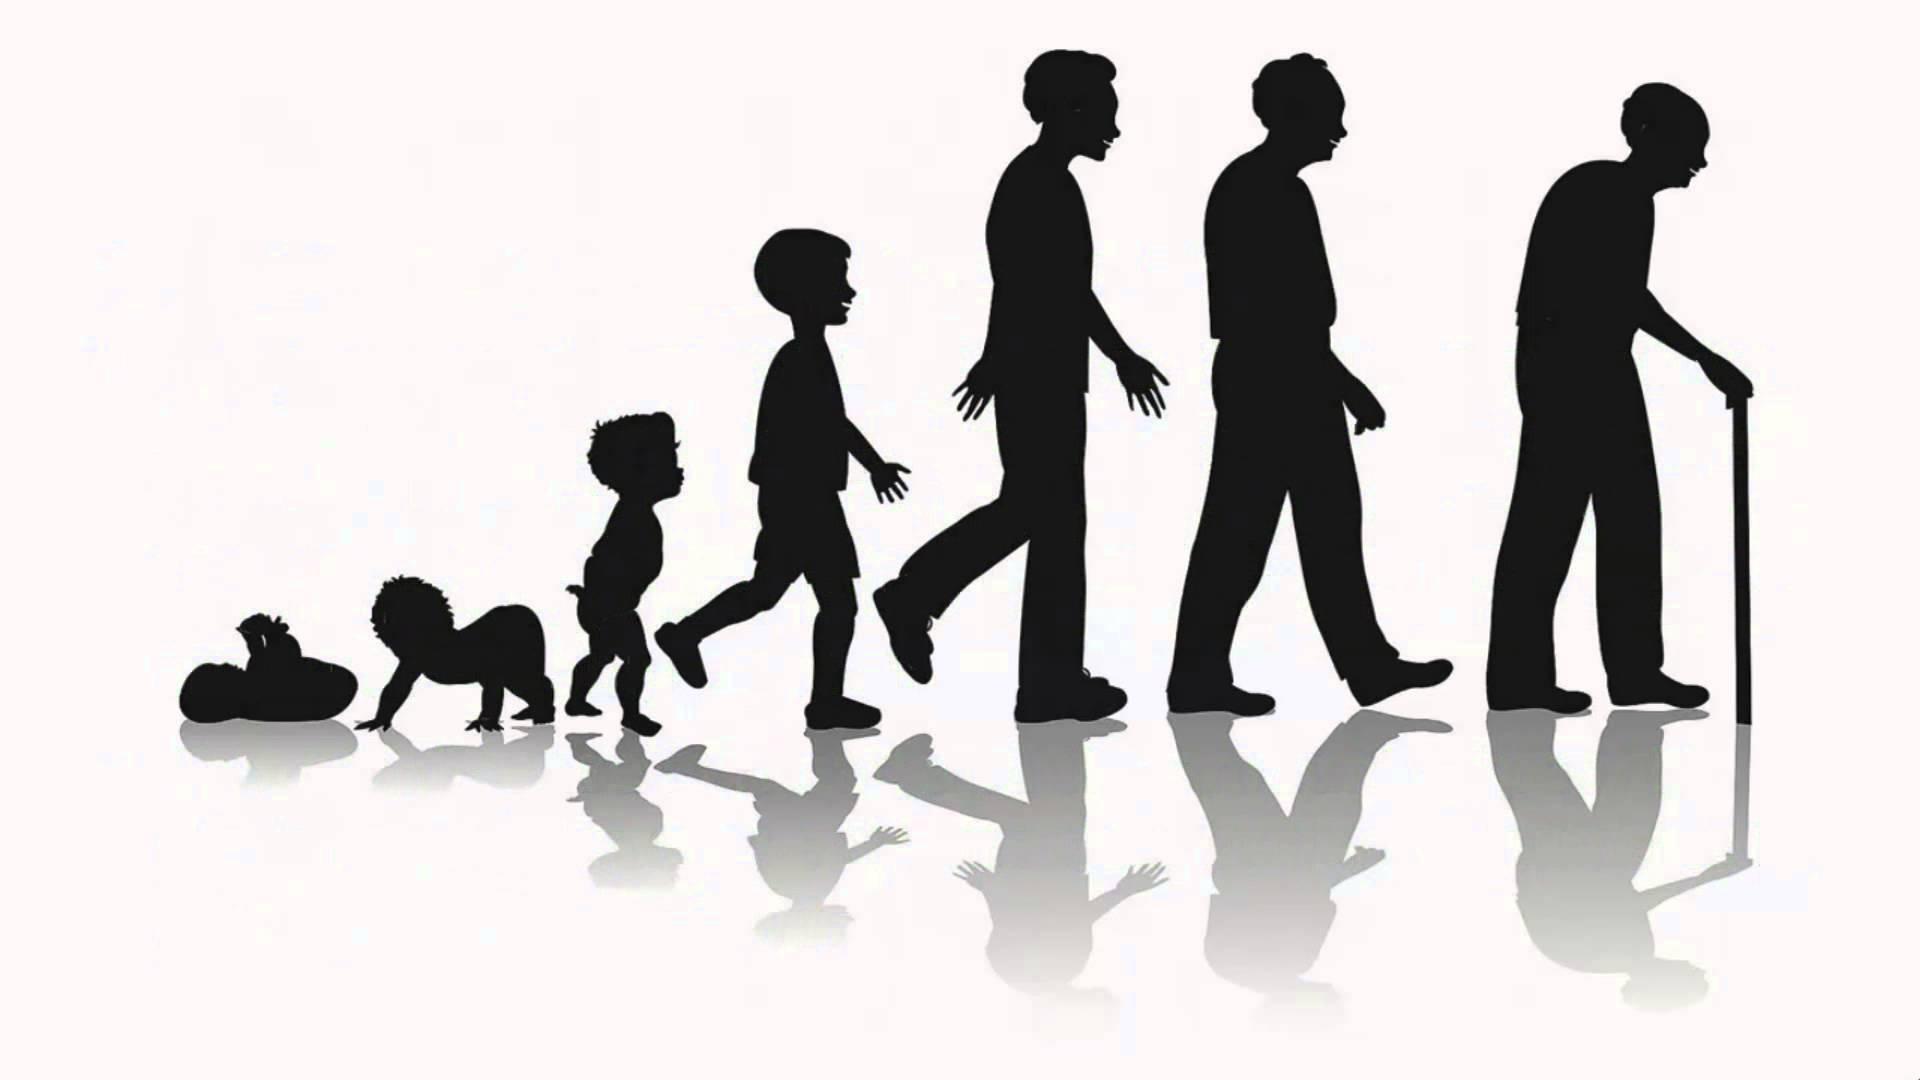 Предел человеческого долголетия достигнут? Как бы не так!